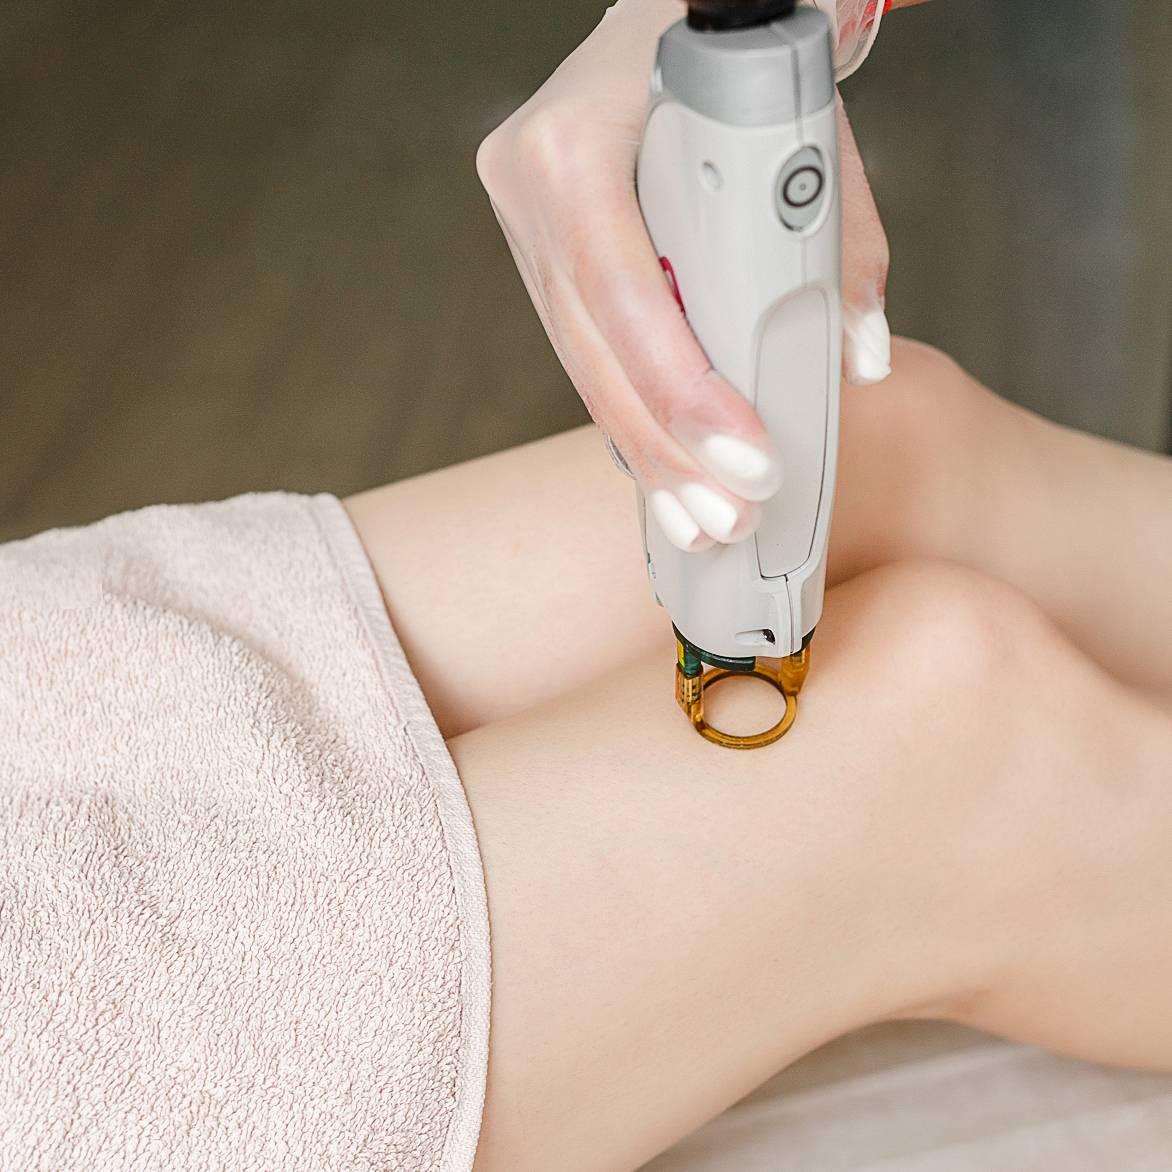 Можно ли делать лазерную эпиляцию на татуировке?